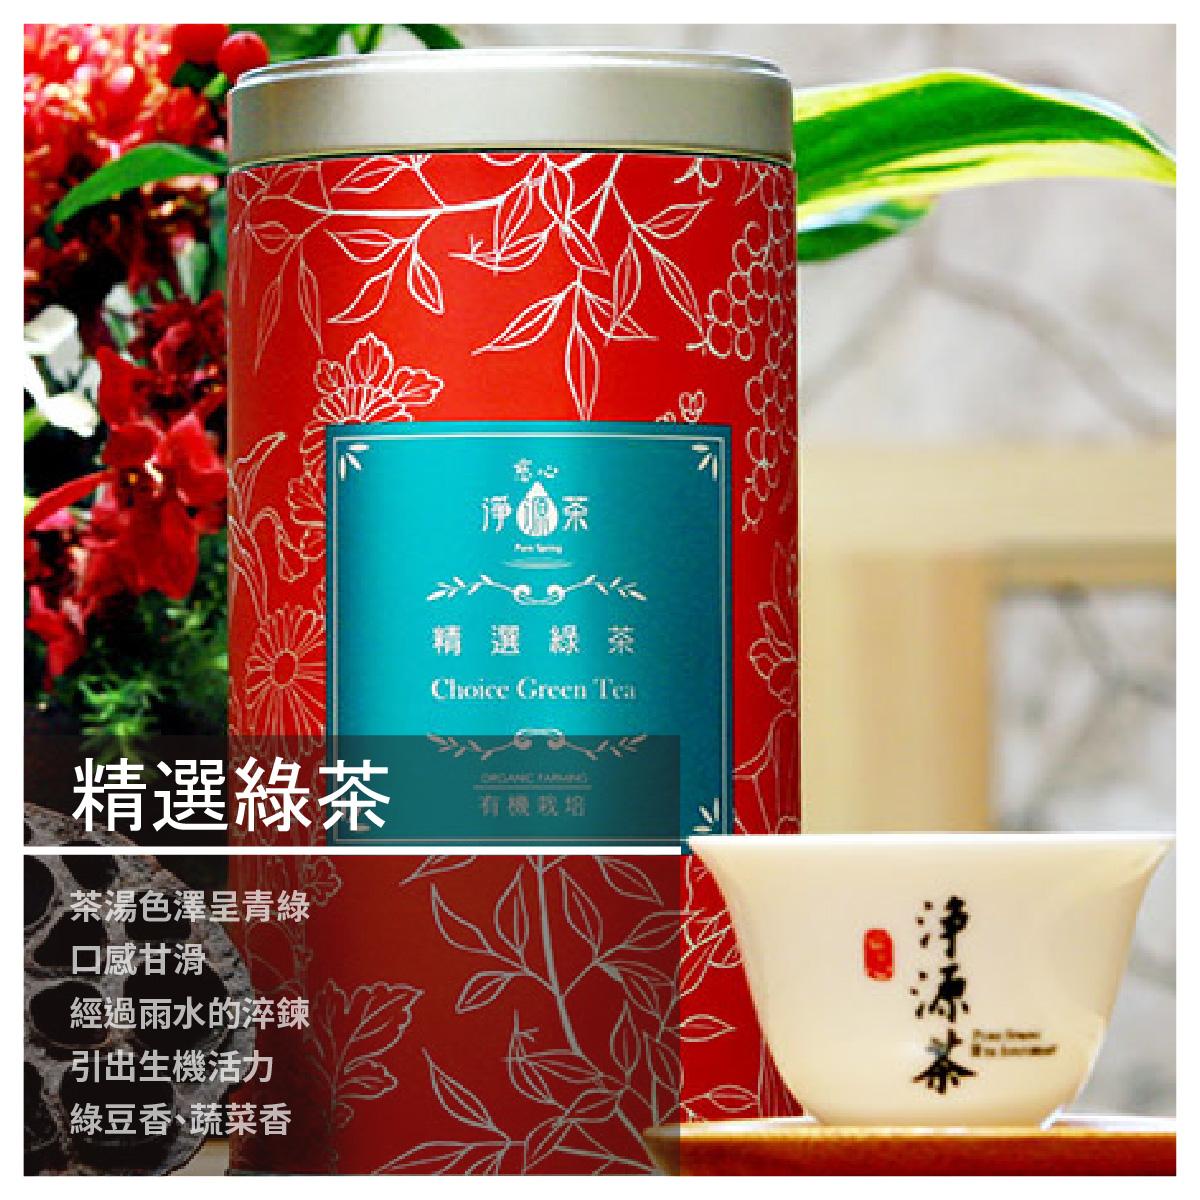 【慈心淨源茶】有機(轉型期)精選綠茶/罐